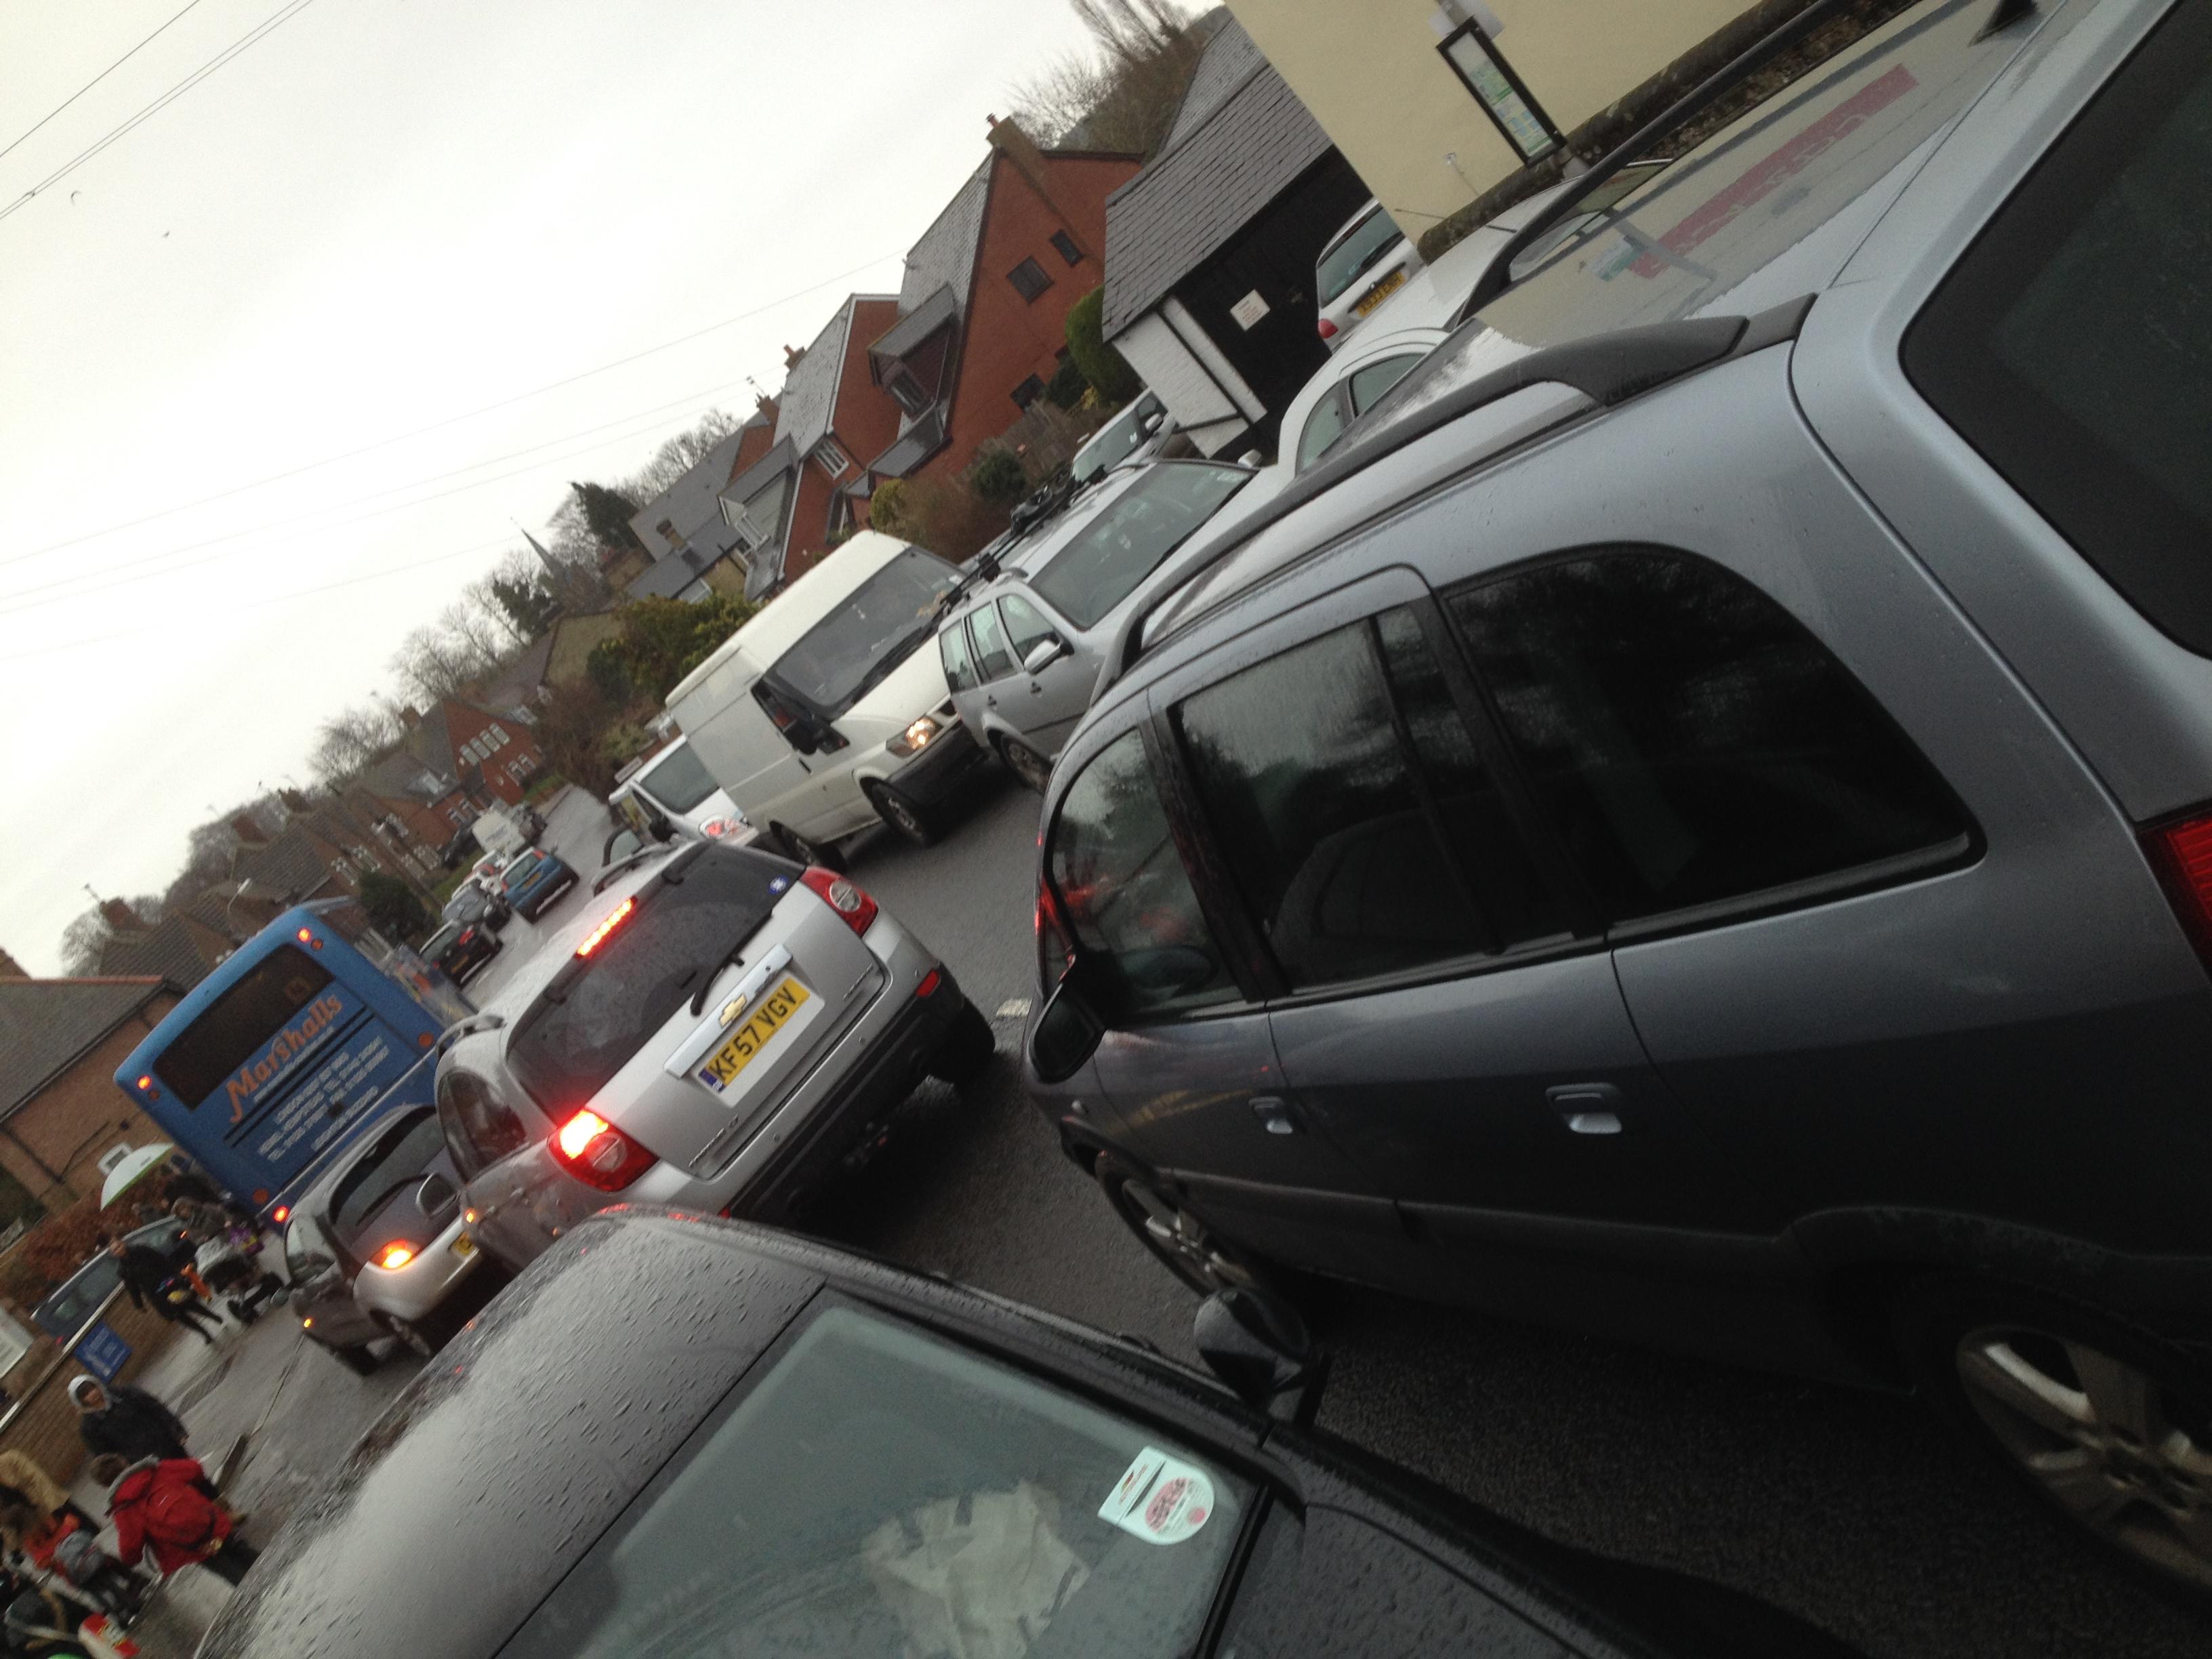 Parking outside school